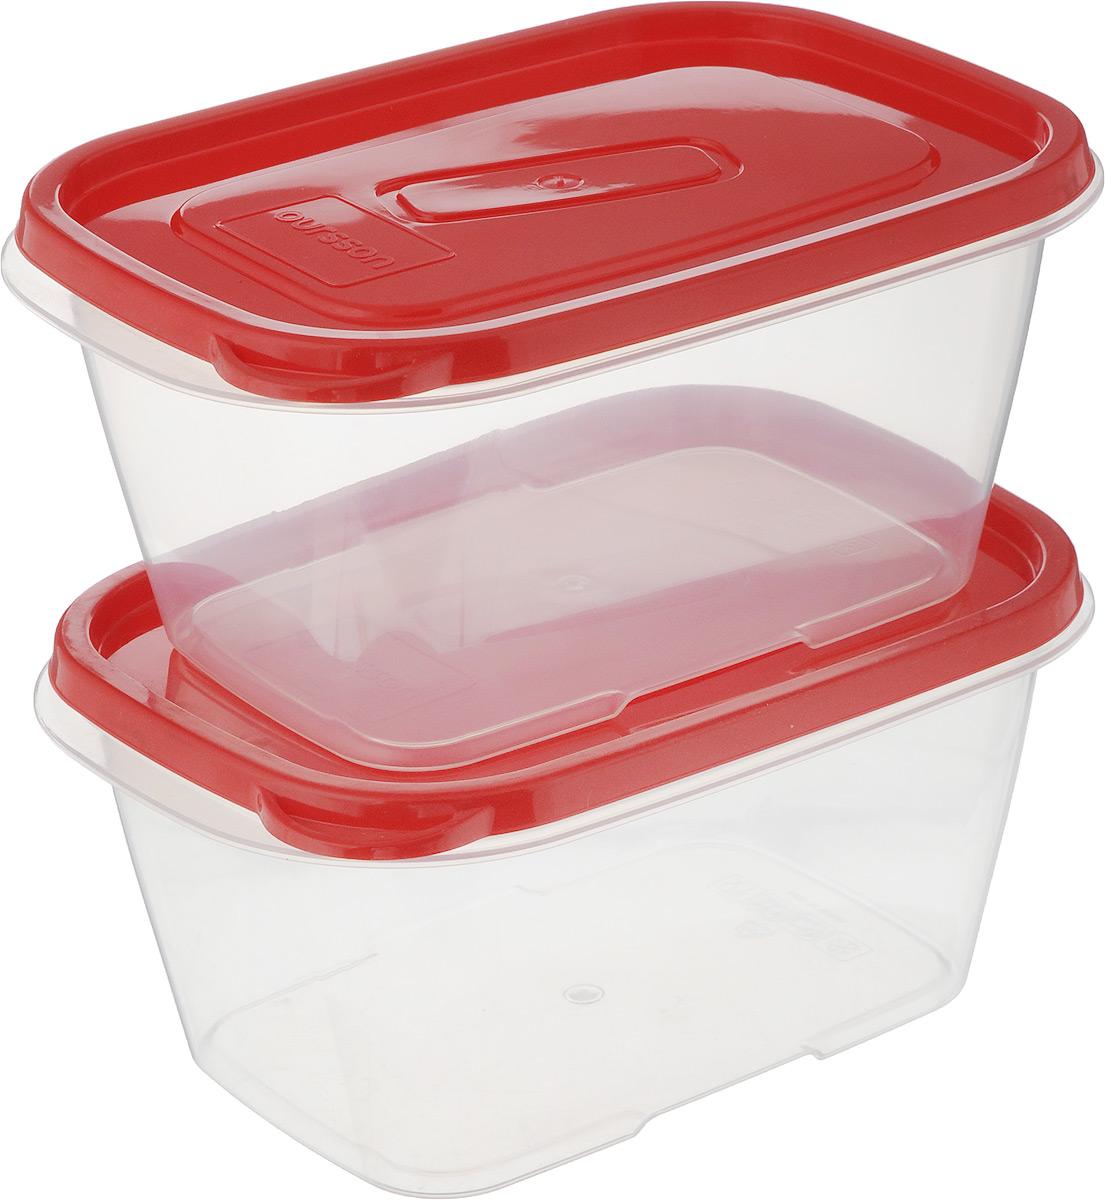 Набор контейнеров Oursson, прямоугольные, 1,1 л, 2 штHPL825Набор Oursson состоит из двух контейнеров, которые изготовлены из высококачественного пластика. Изделие идеально подходит не только для хранения, но и для транспортировки пищи. Контейнеры оснащены плотно закрывающимися крышками. Выдерживают температуру от -24°С до +125°С. Можно использовать в СВЧ-печах, холодильниках и морозильных камерах. Можно мыть в посудомоечной машине. Размер контейнера (без учета крышки): 19 х 13 см. Высота контейнера (без учета крышки): 8,5 см.Объем контейнера: 1,1 л.